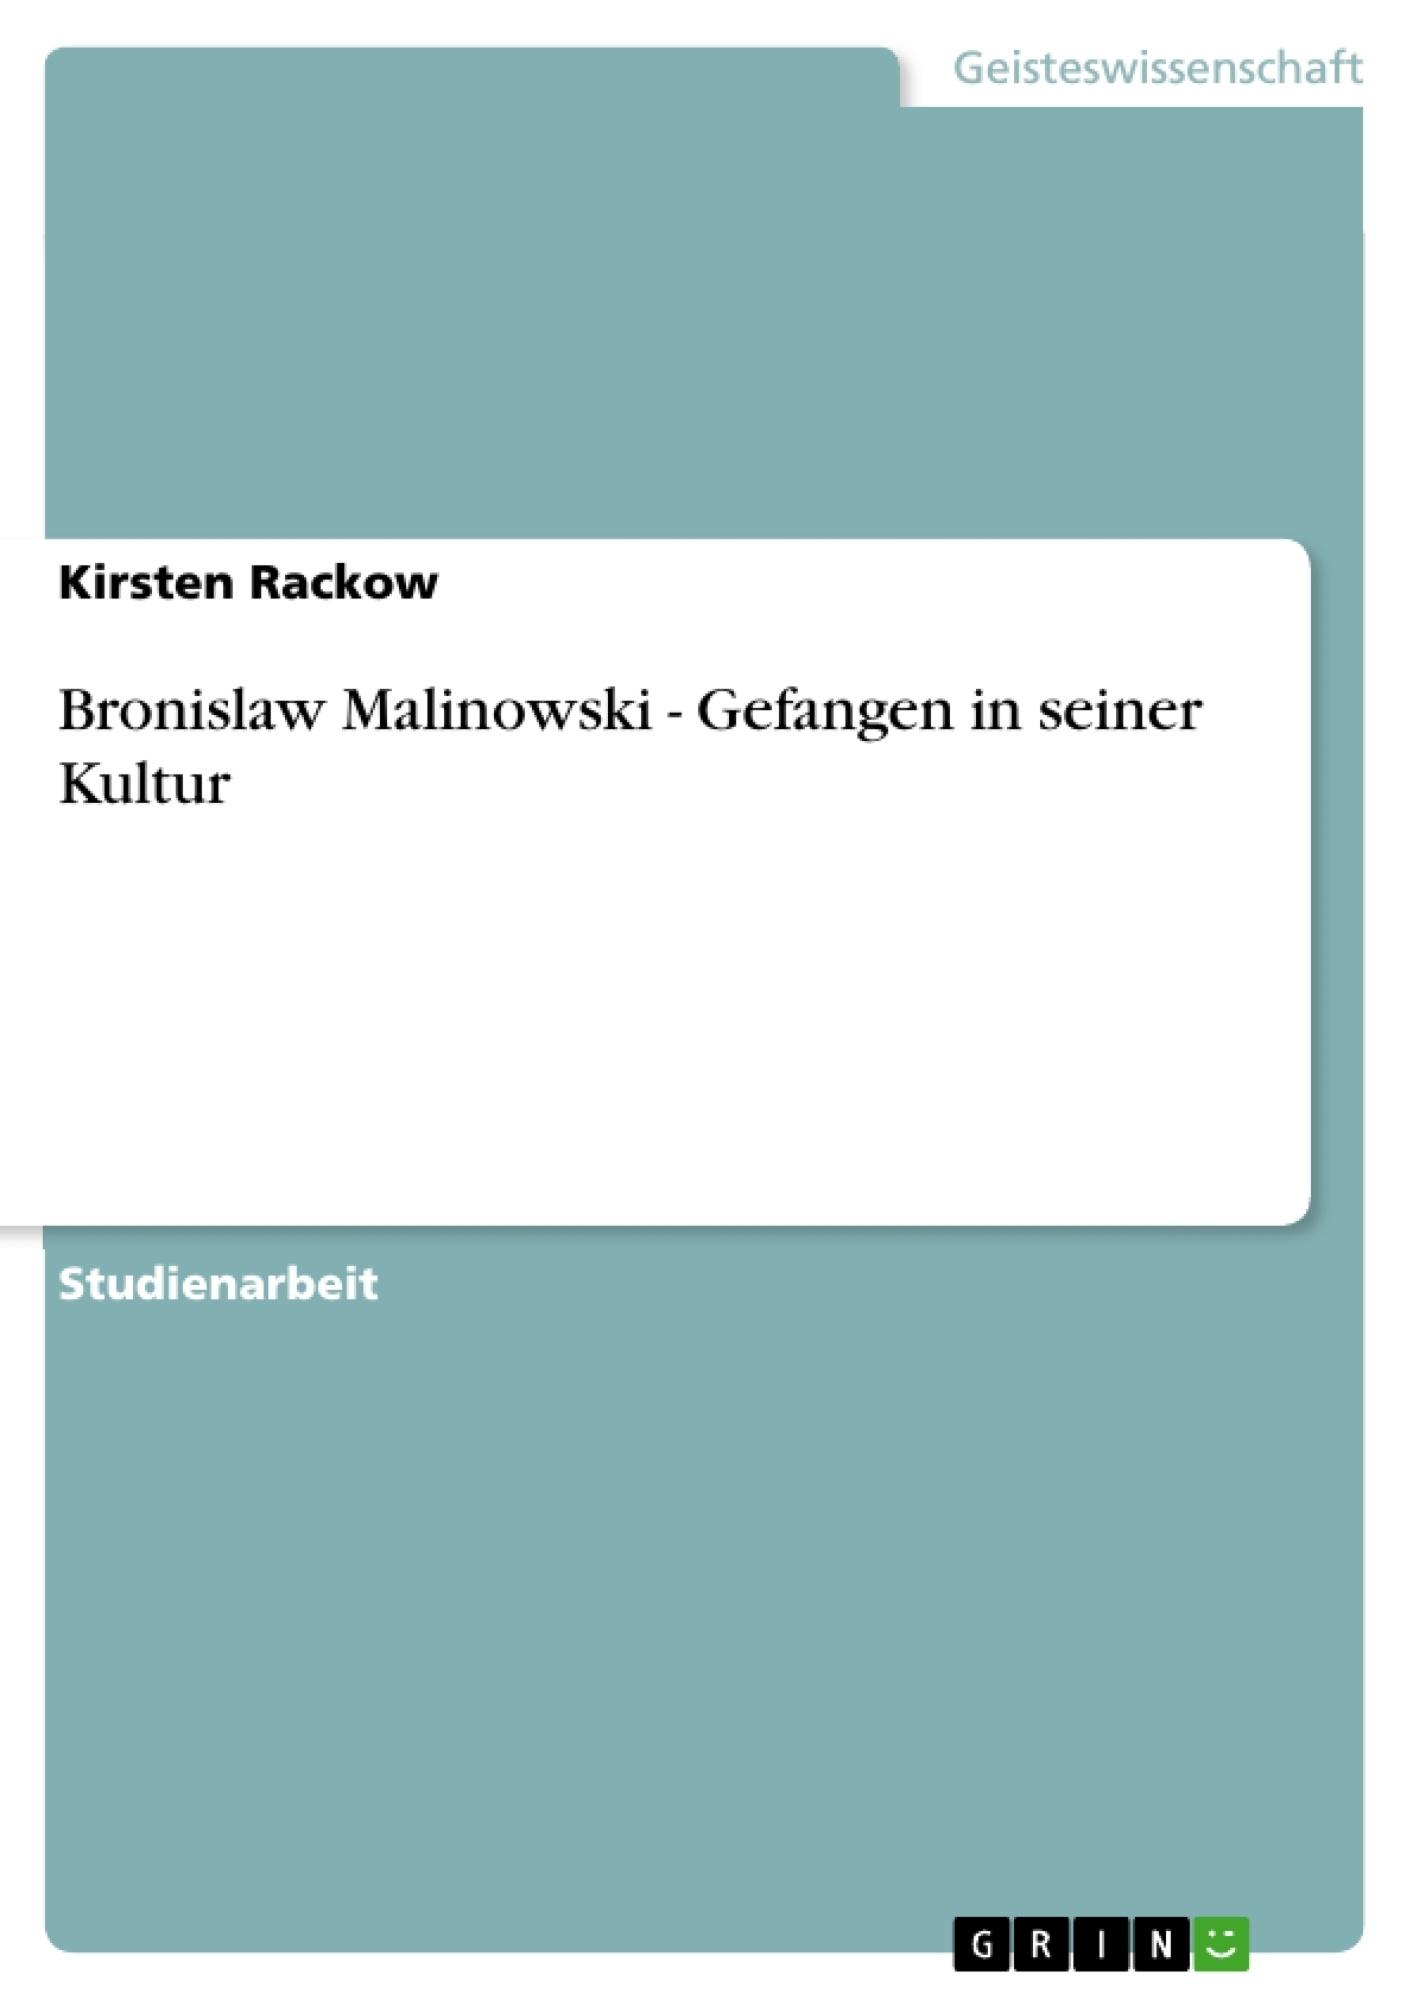 Titel: Bronislaw Malinowski - Gefangen in seiner Kultur